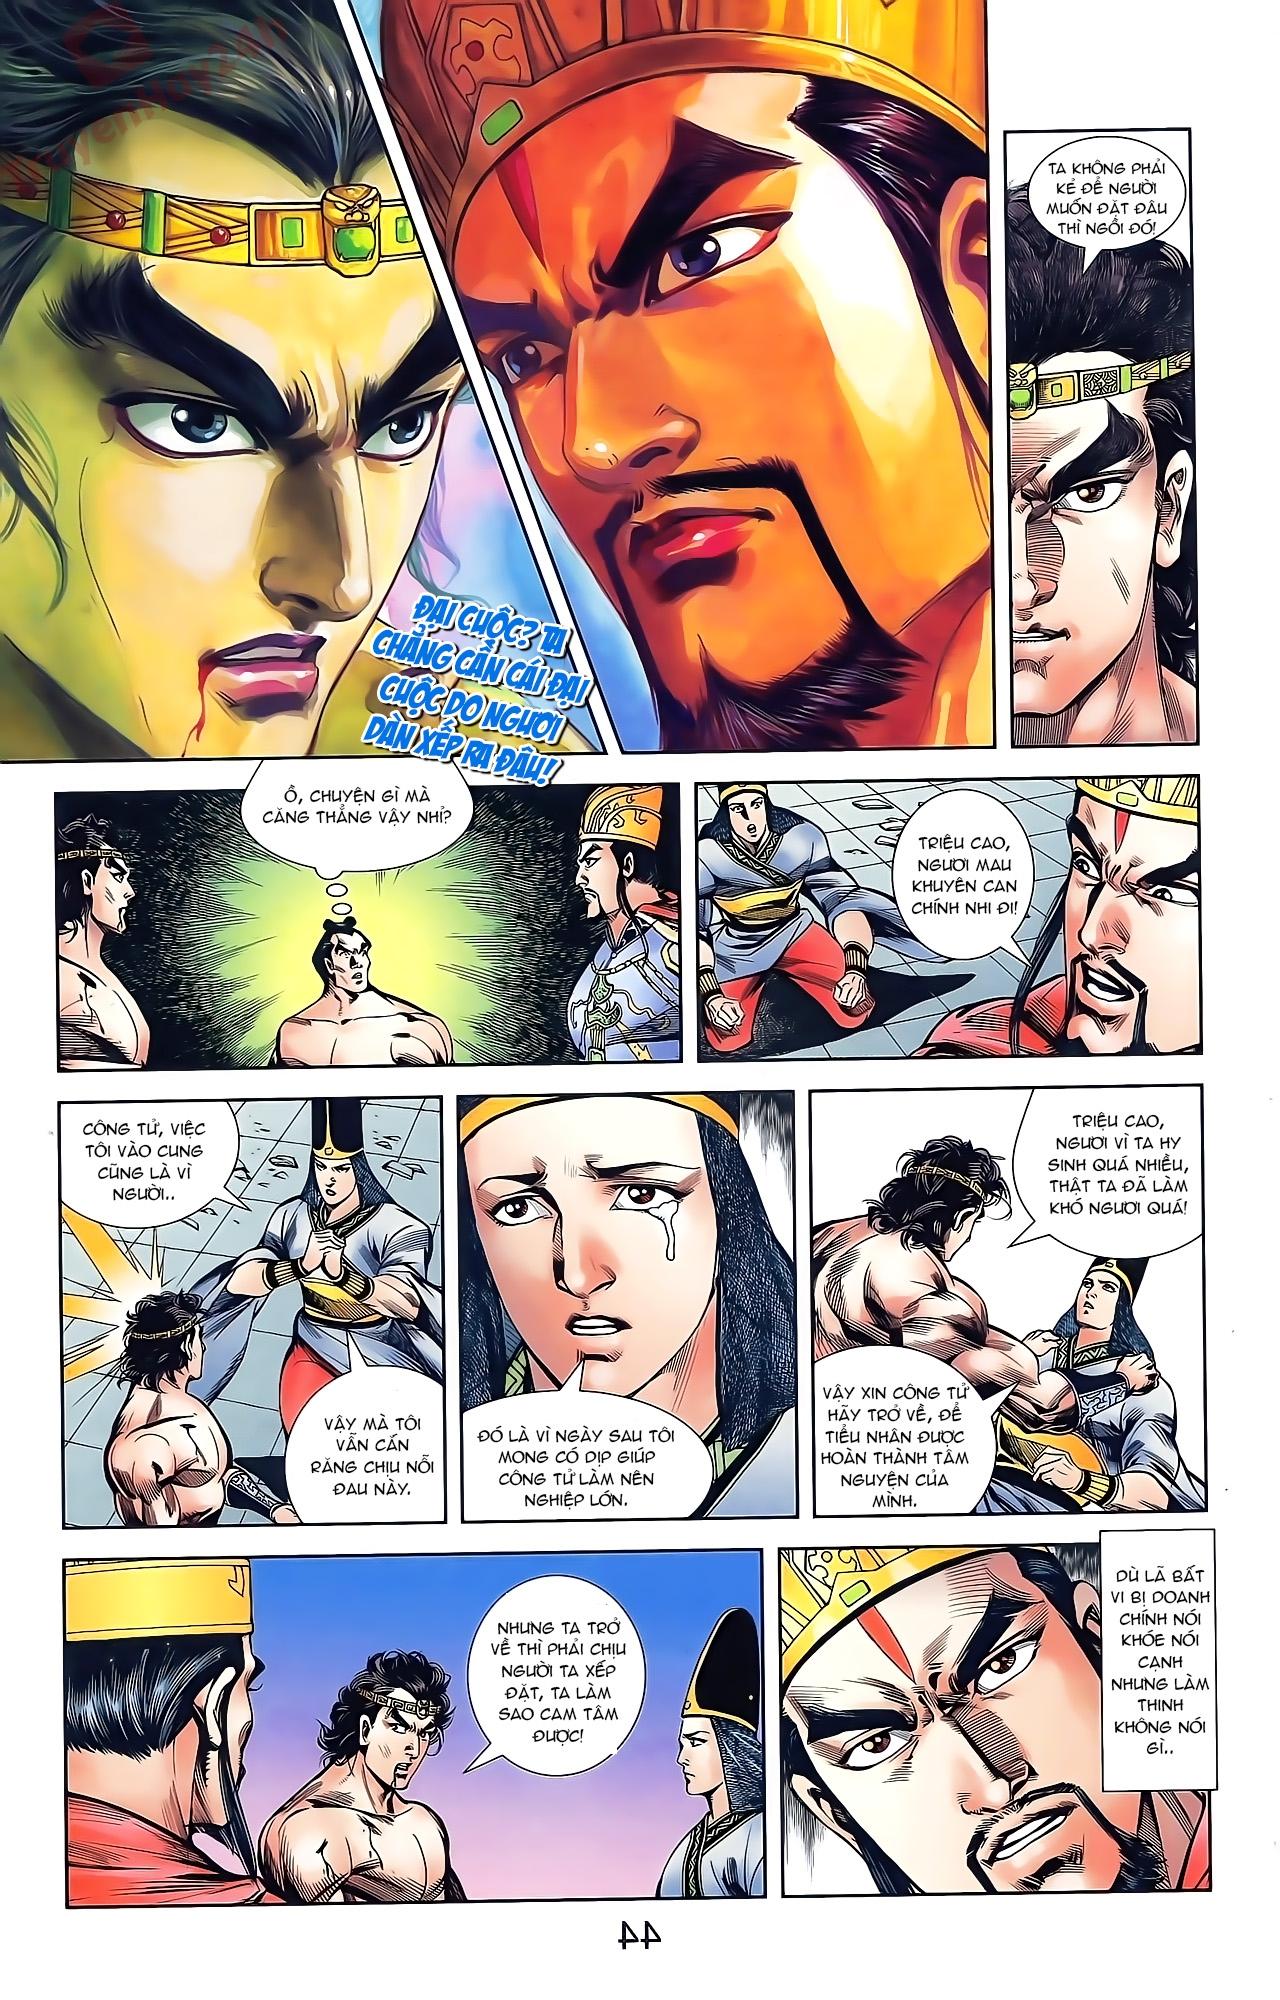 Tần Vương Doanh Chính chapter 43 trang 16